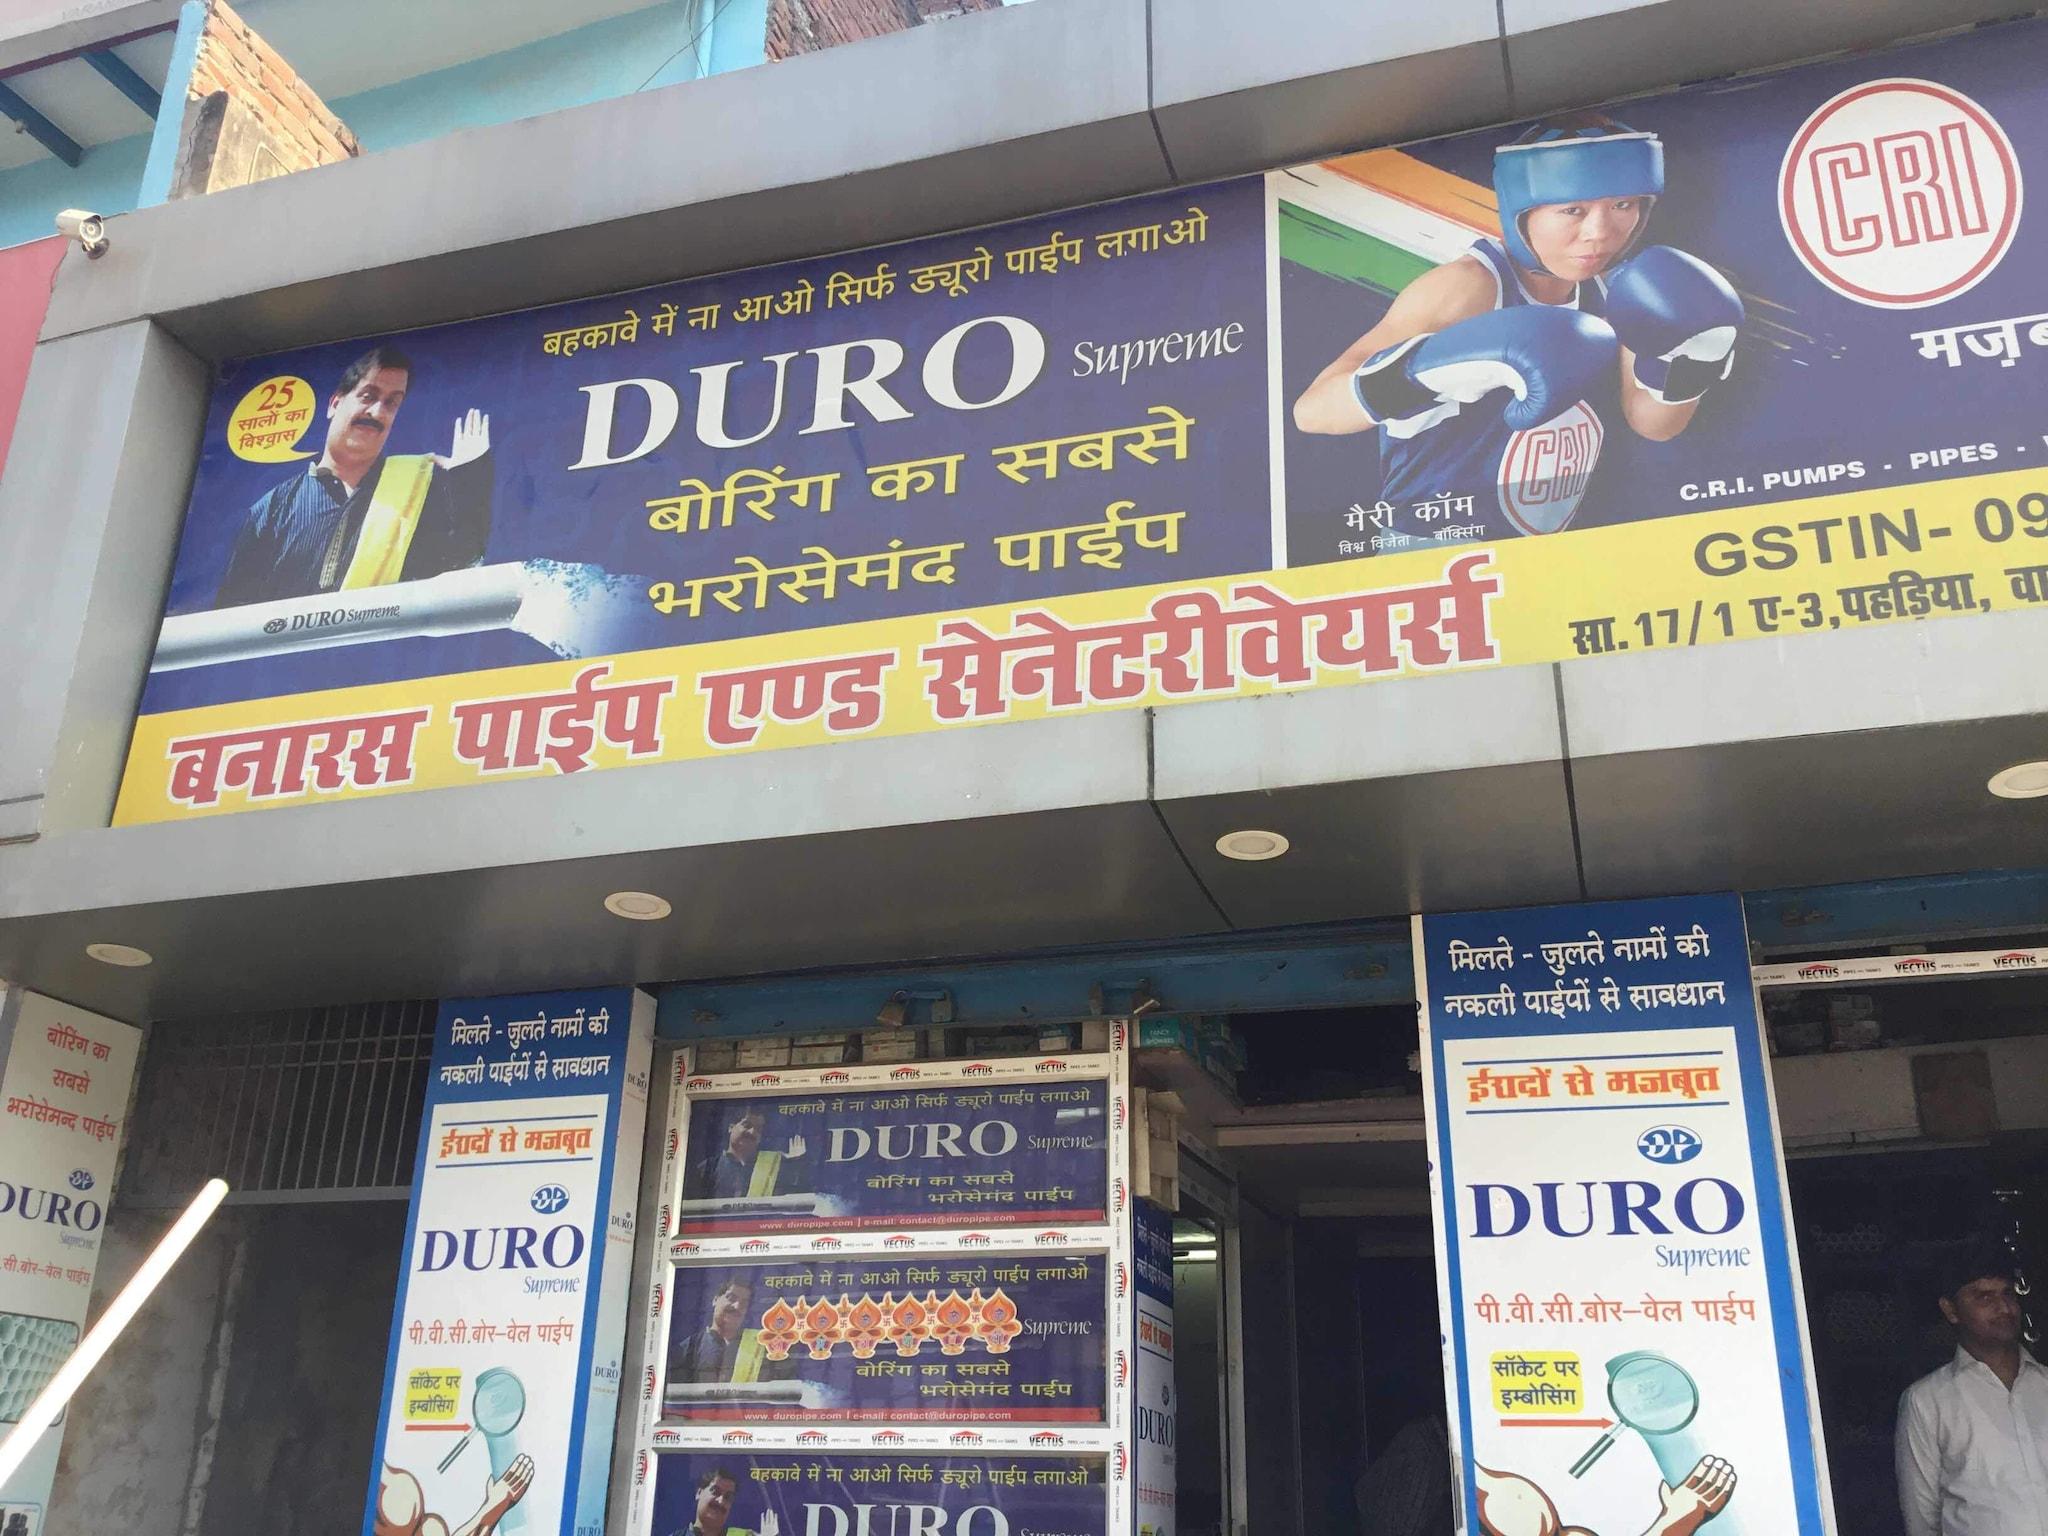 Top 20 Tata GI Pipe Dealers in Varanasi - Best Tata GI Pipes